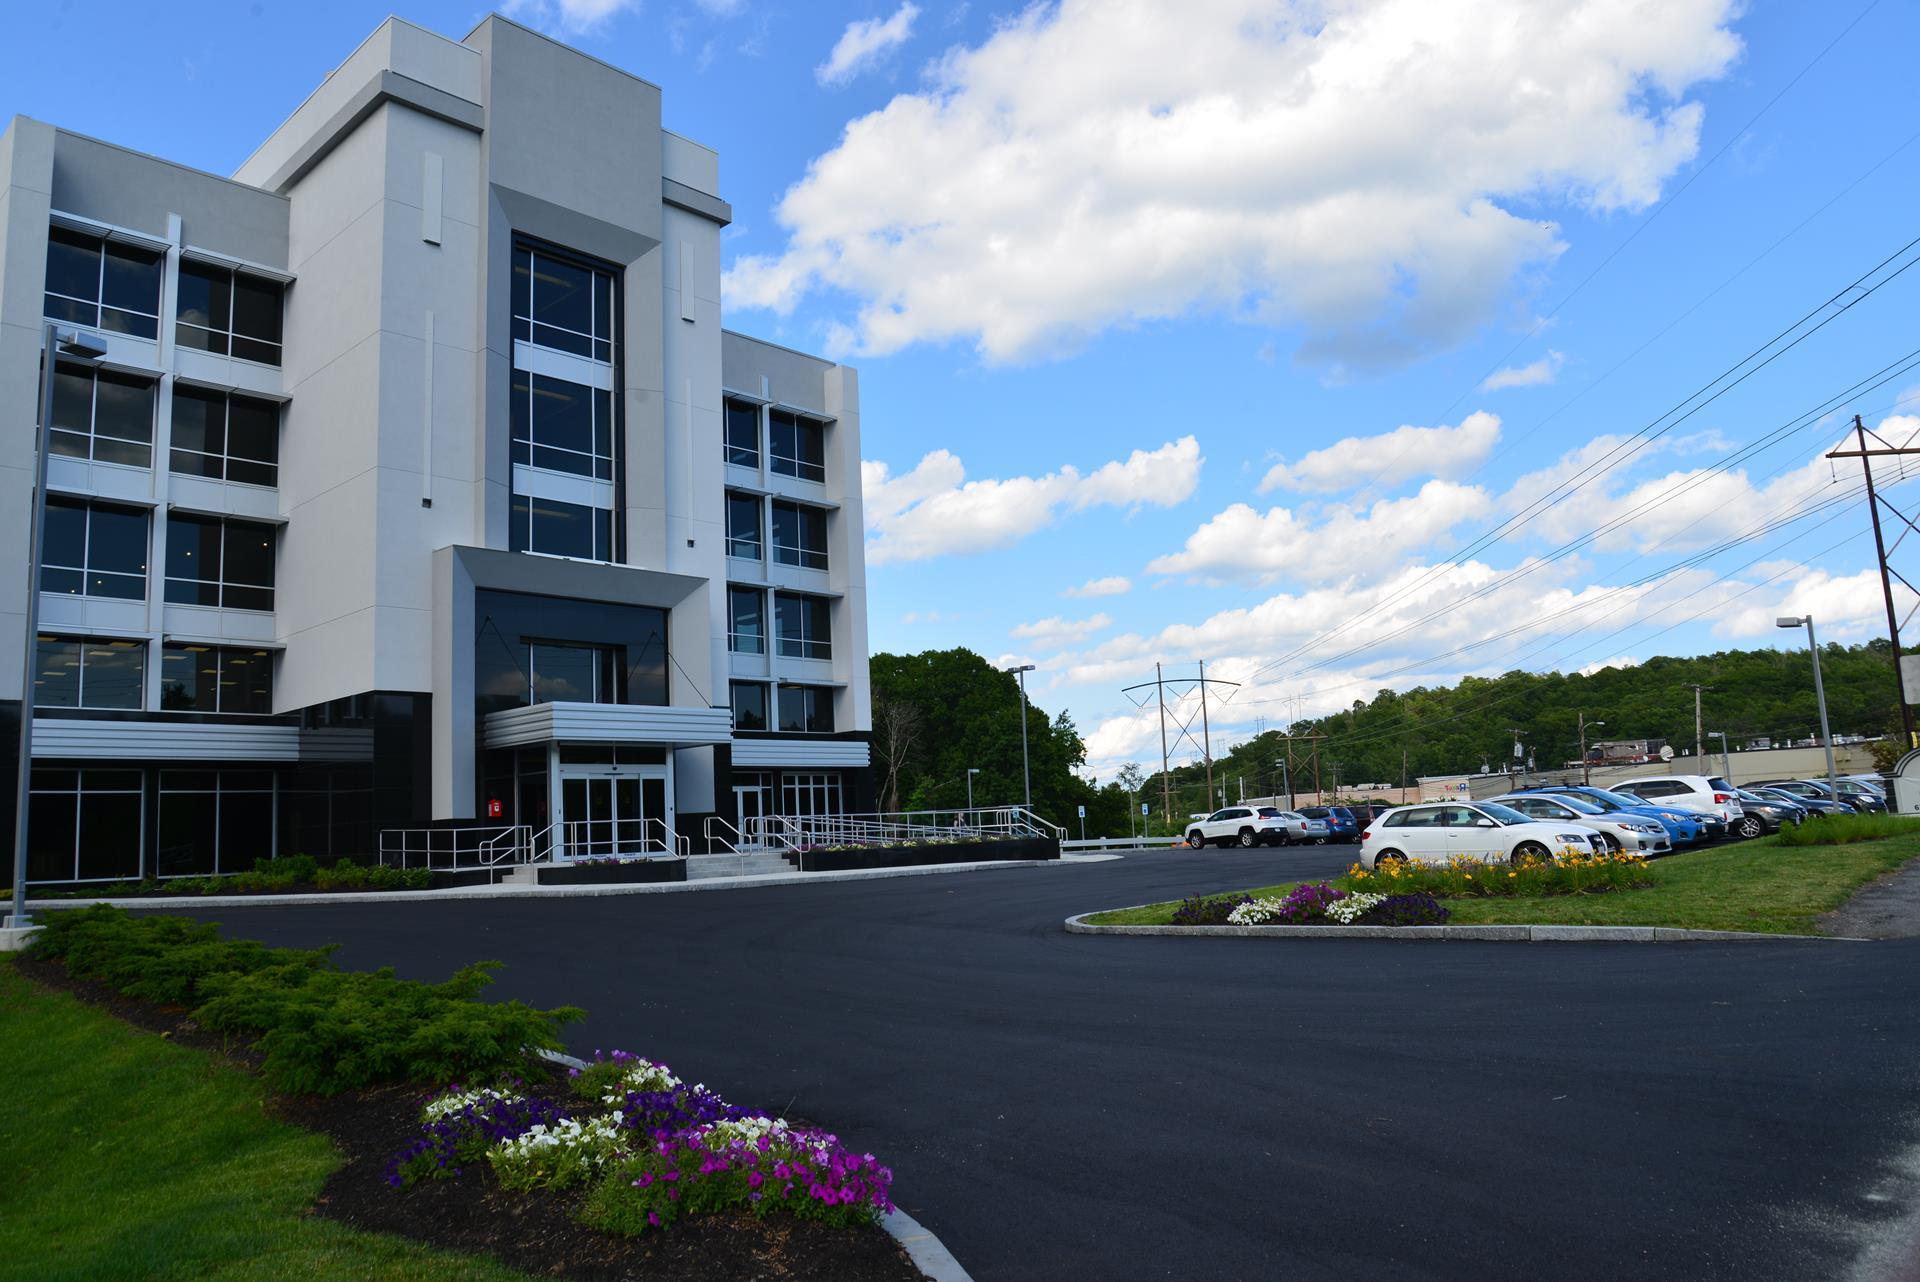 304 Cambridge St Office Complex, Woburn MA